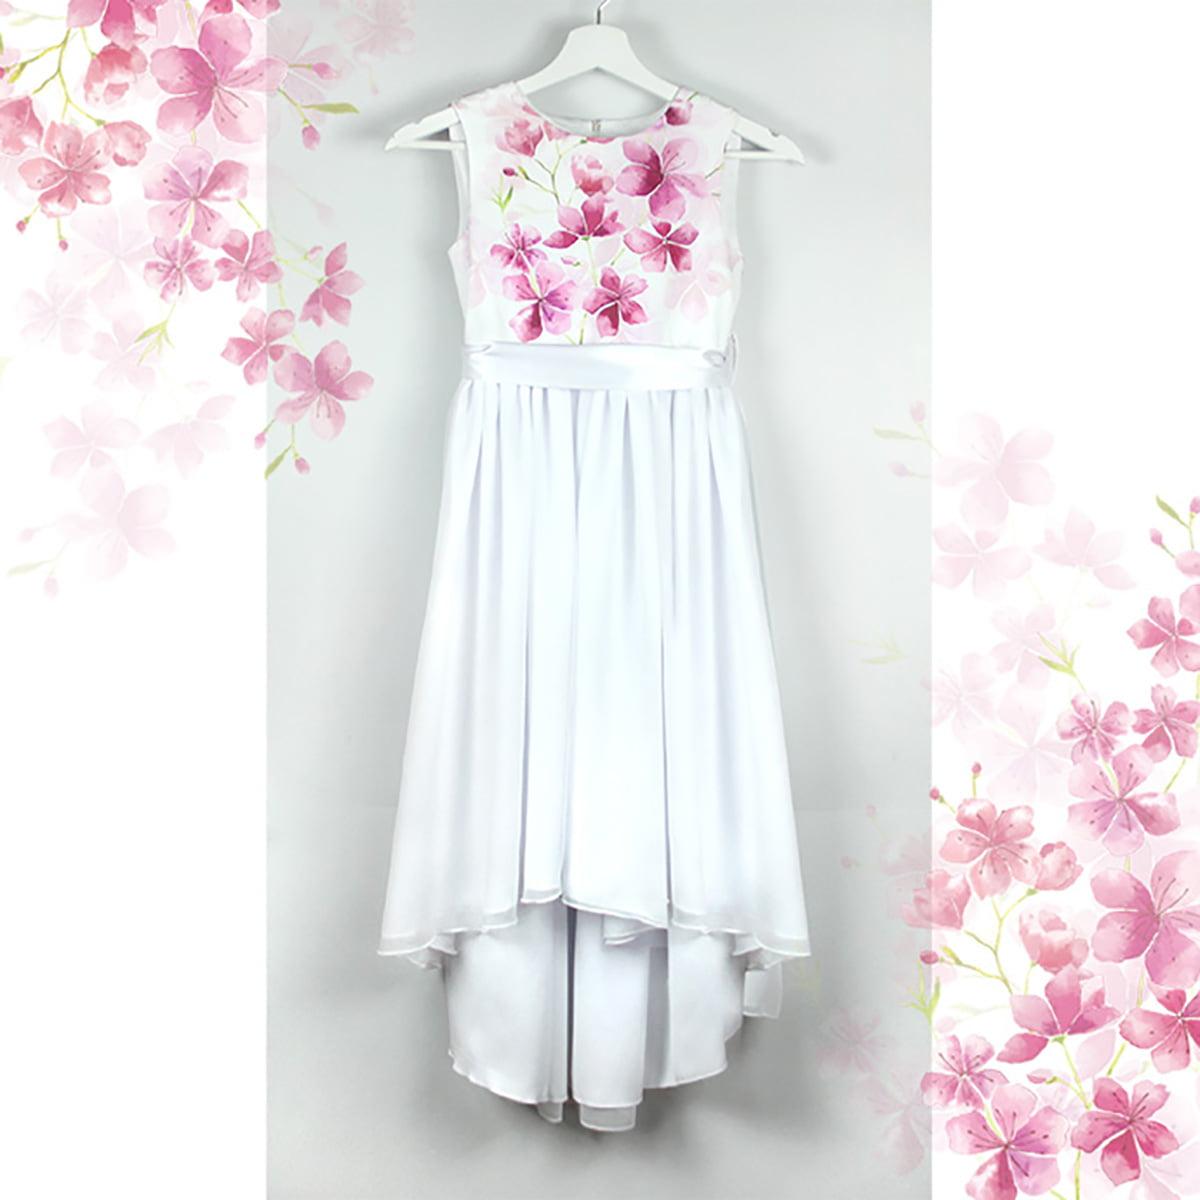 snježno bijela haljina s printom cvijeća